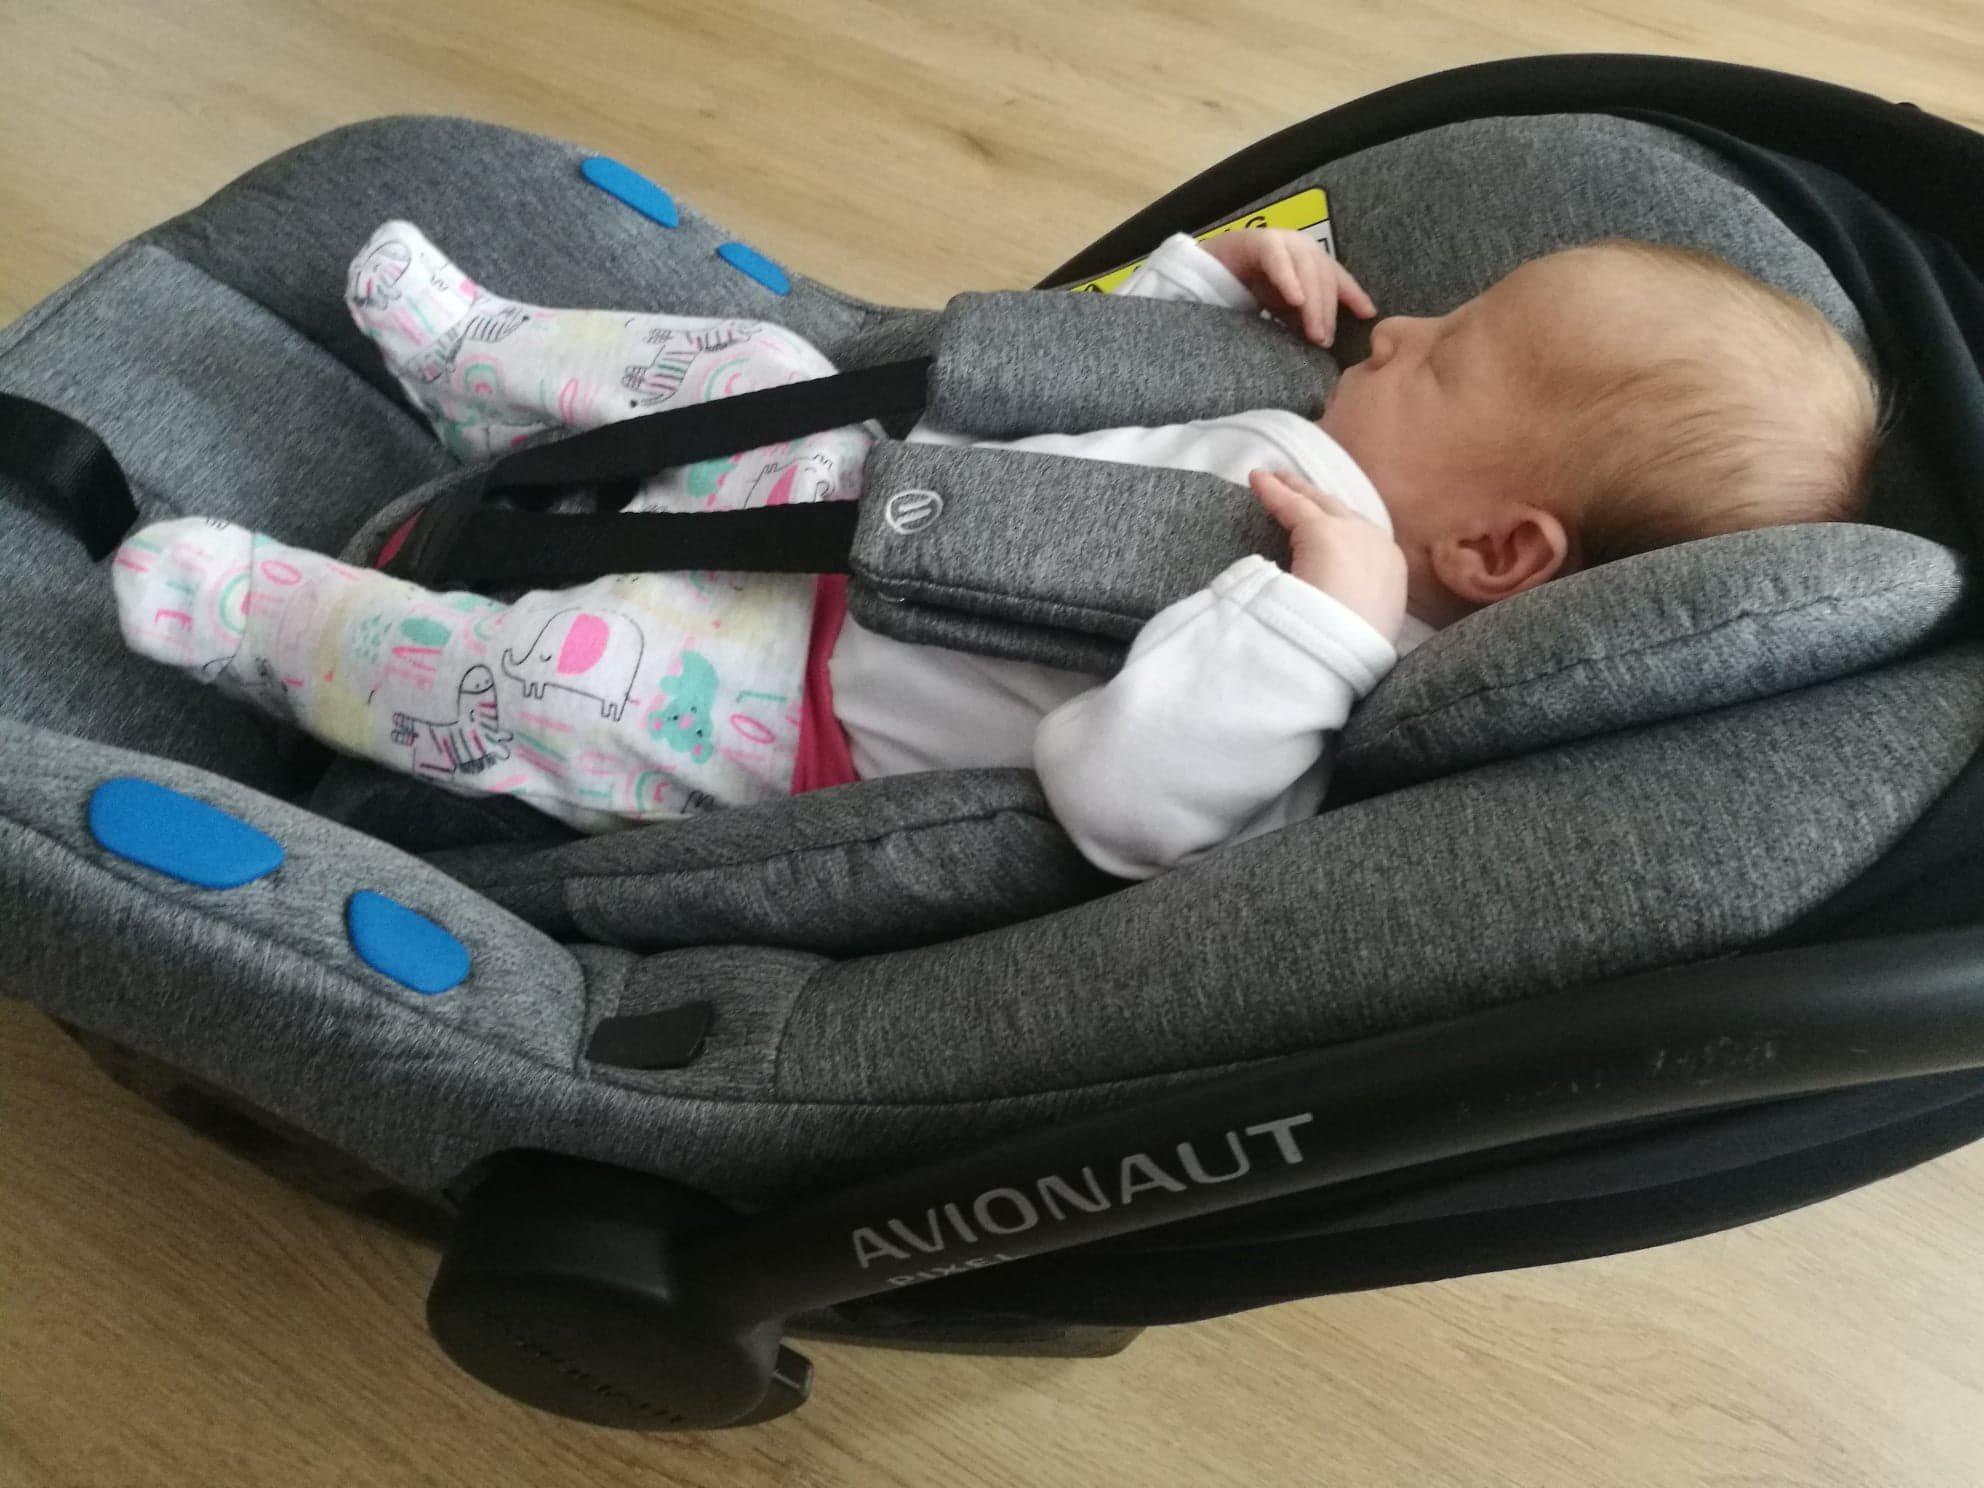 Spokojené miminko v autosedačce Avionat Pixel.